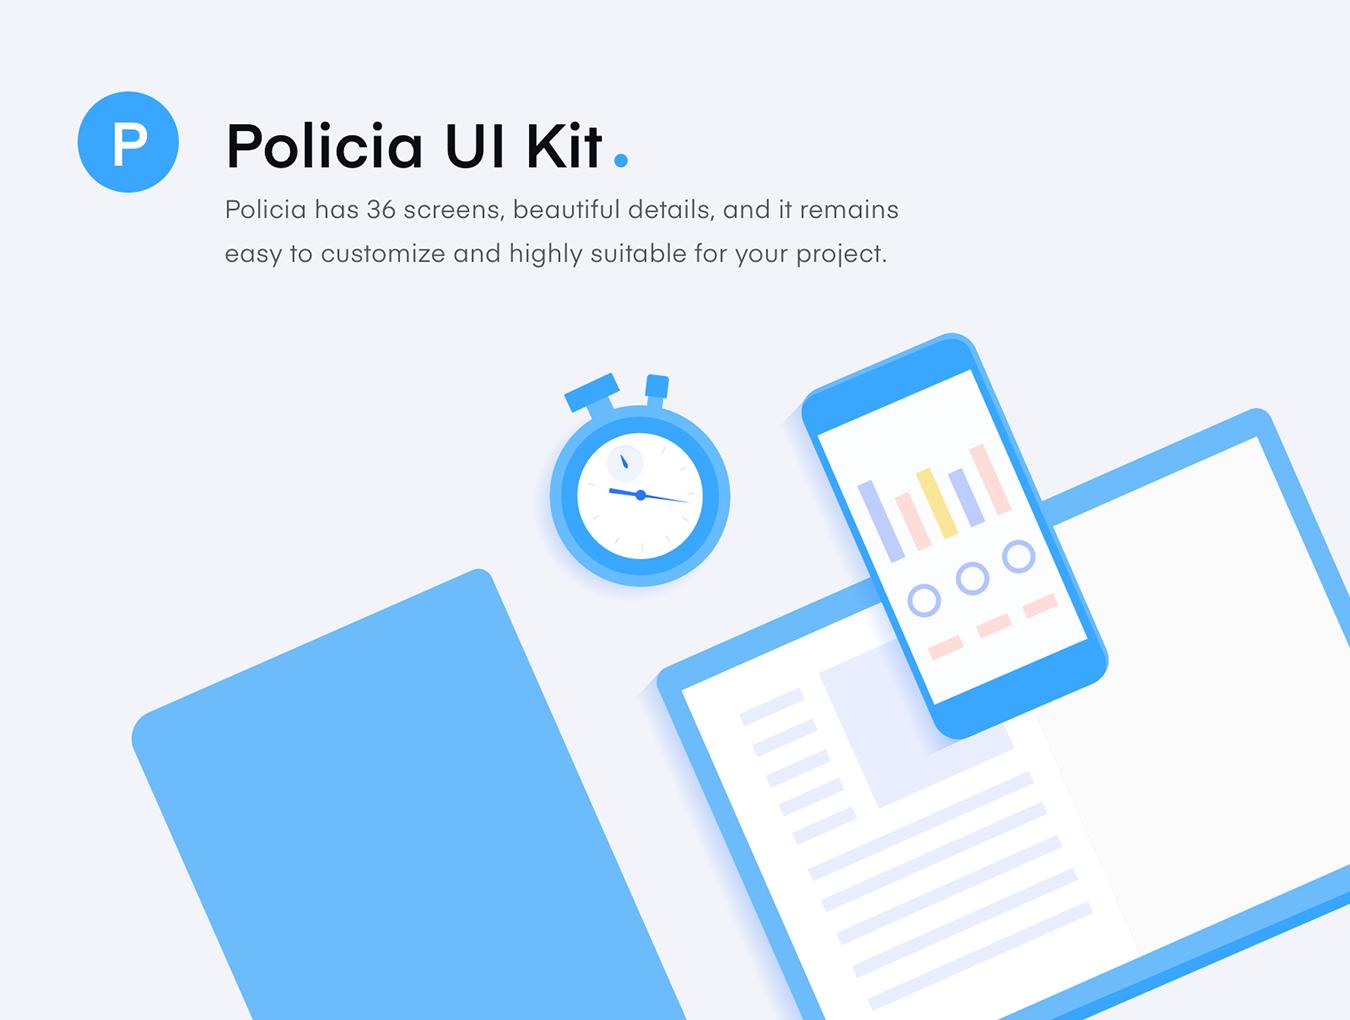 图书小说在线阅读跟踪应用APP UI套件 Policia UI Kits插图